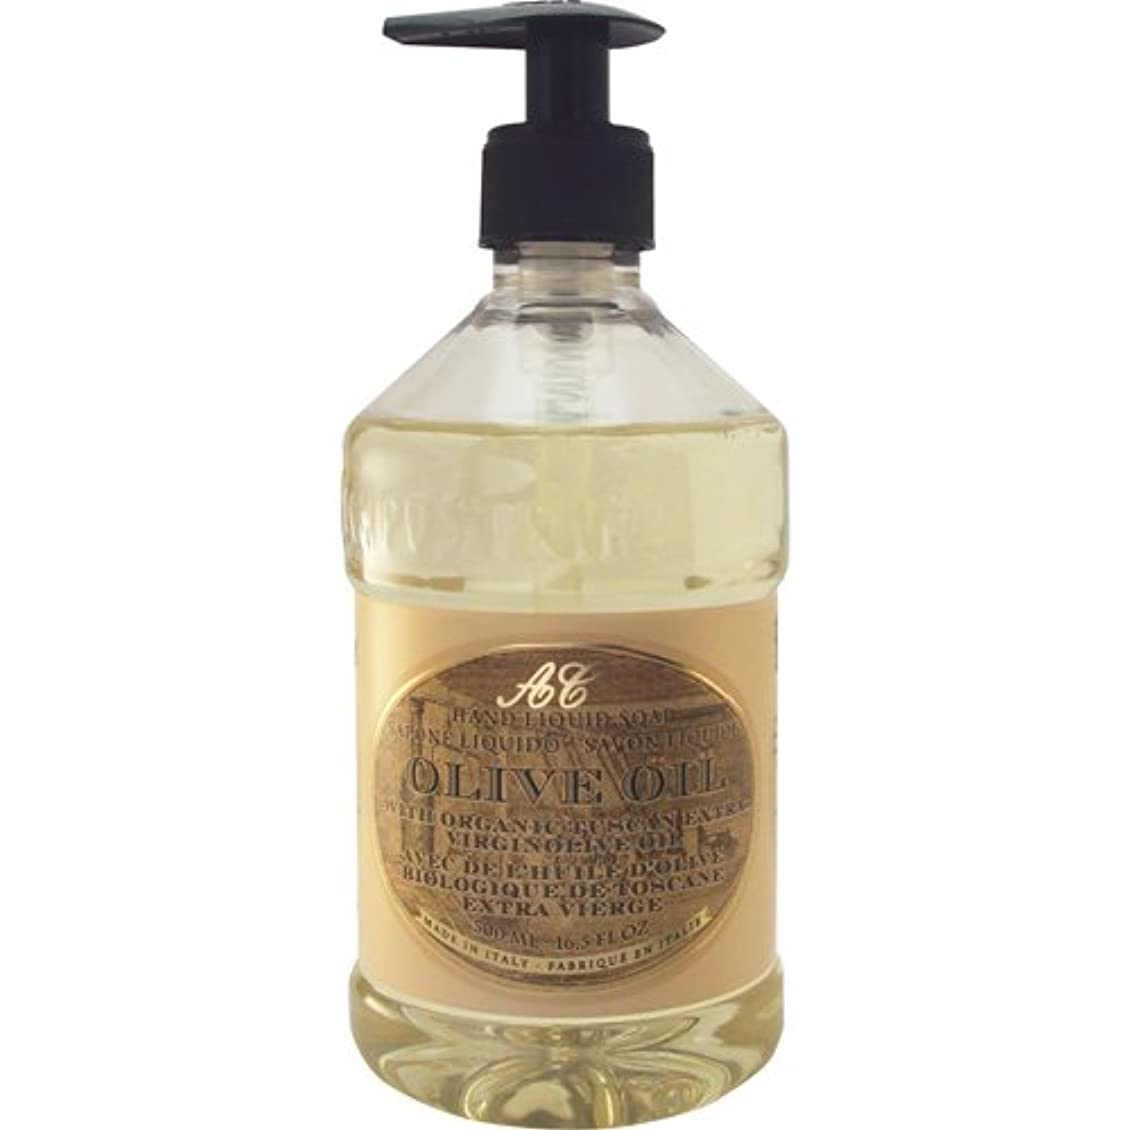 スポーツの試合を担当している人サーバント交渉するSaponerire Fissi レトロシリーズ Liquid Soap リキッドソープ 500ml Olive Oil オリーブオイル